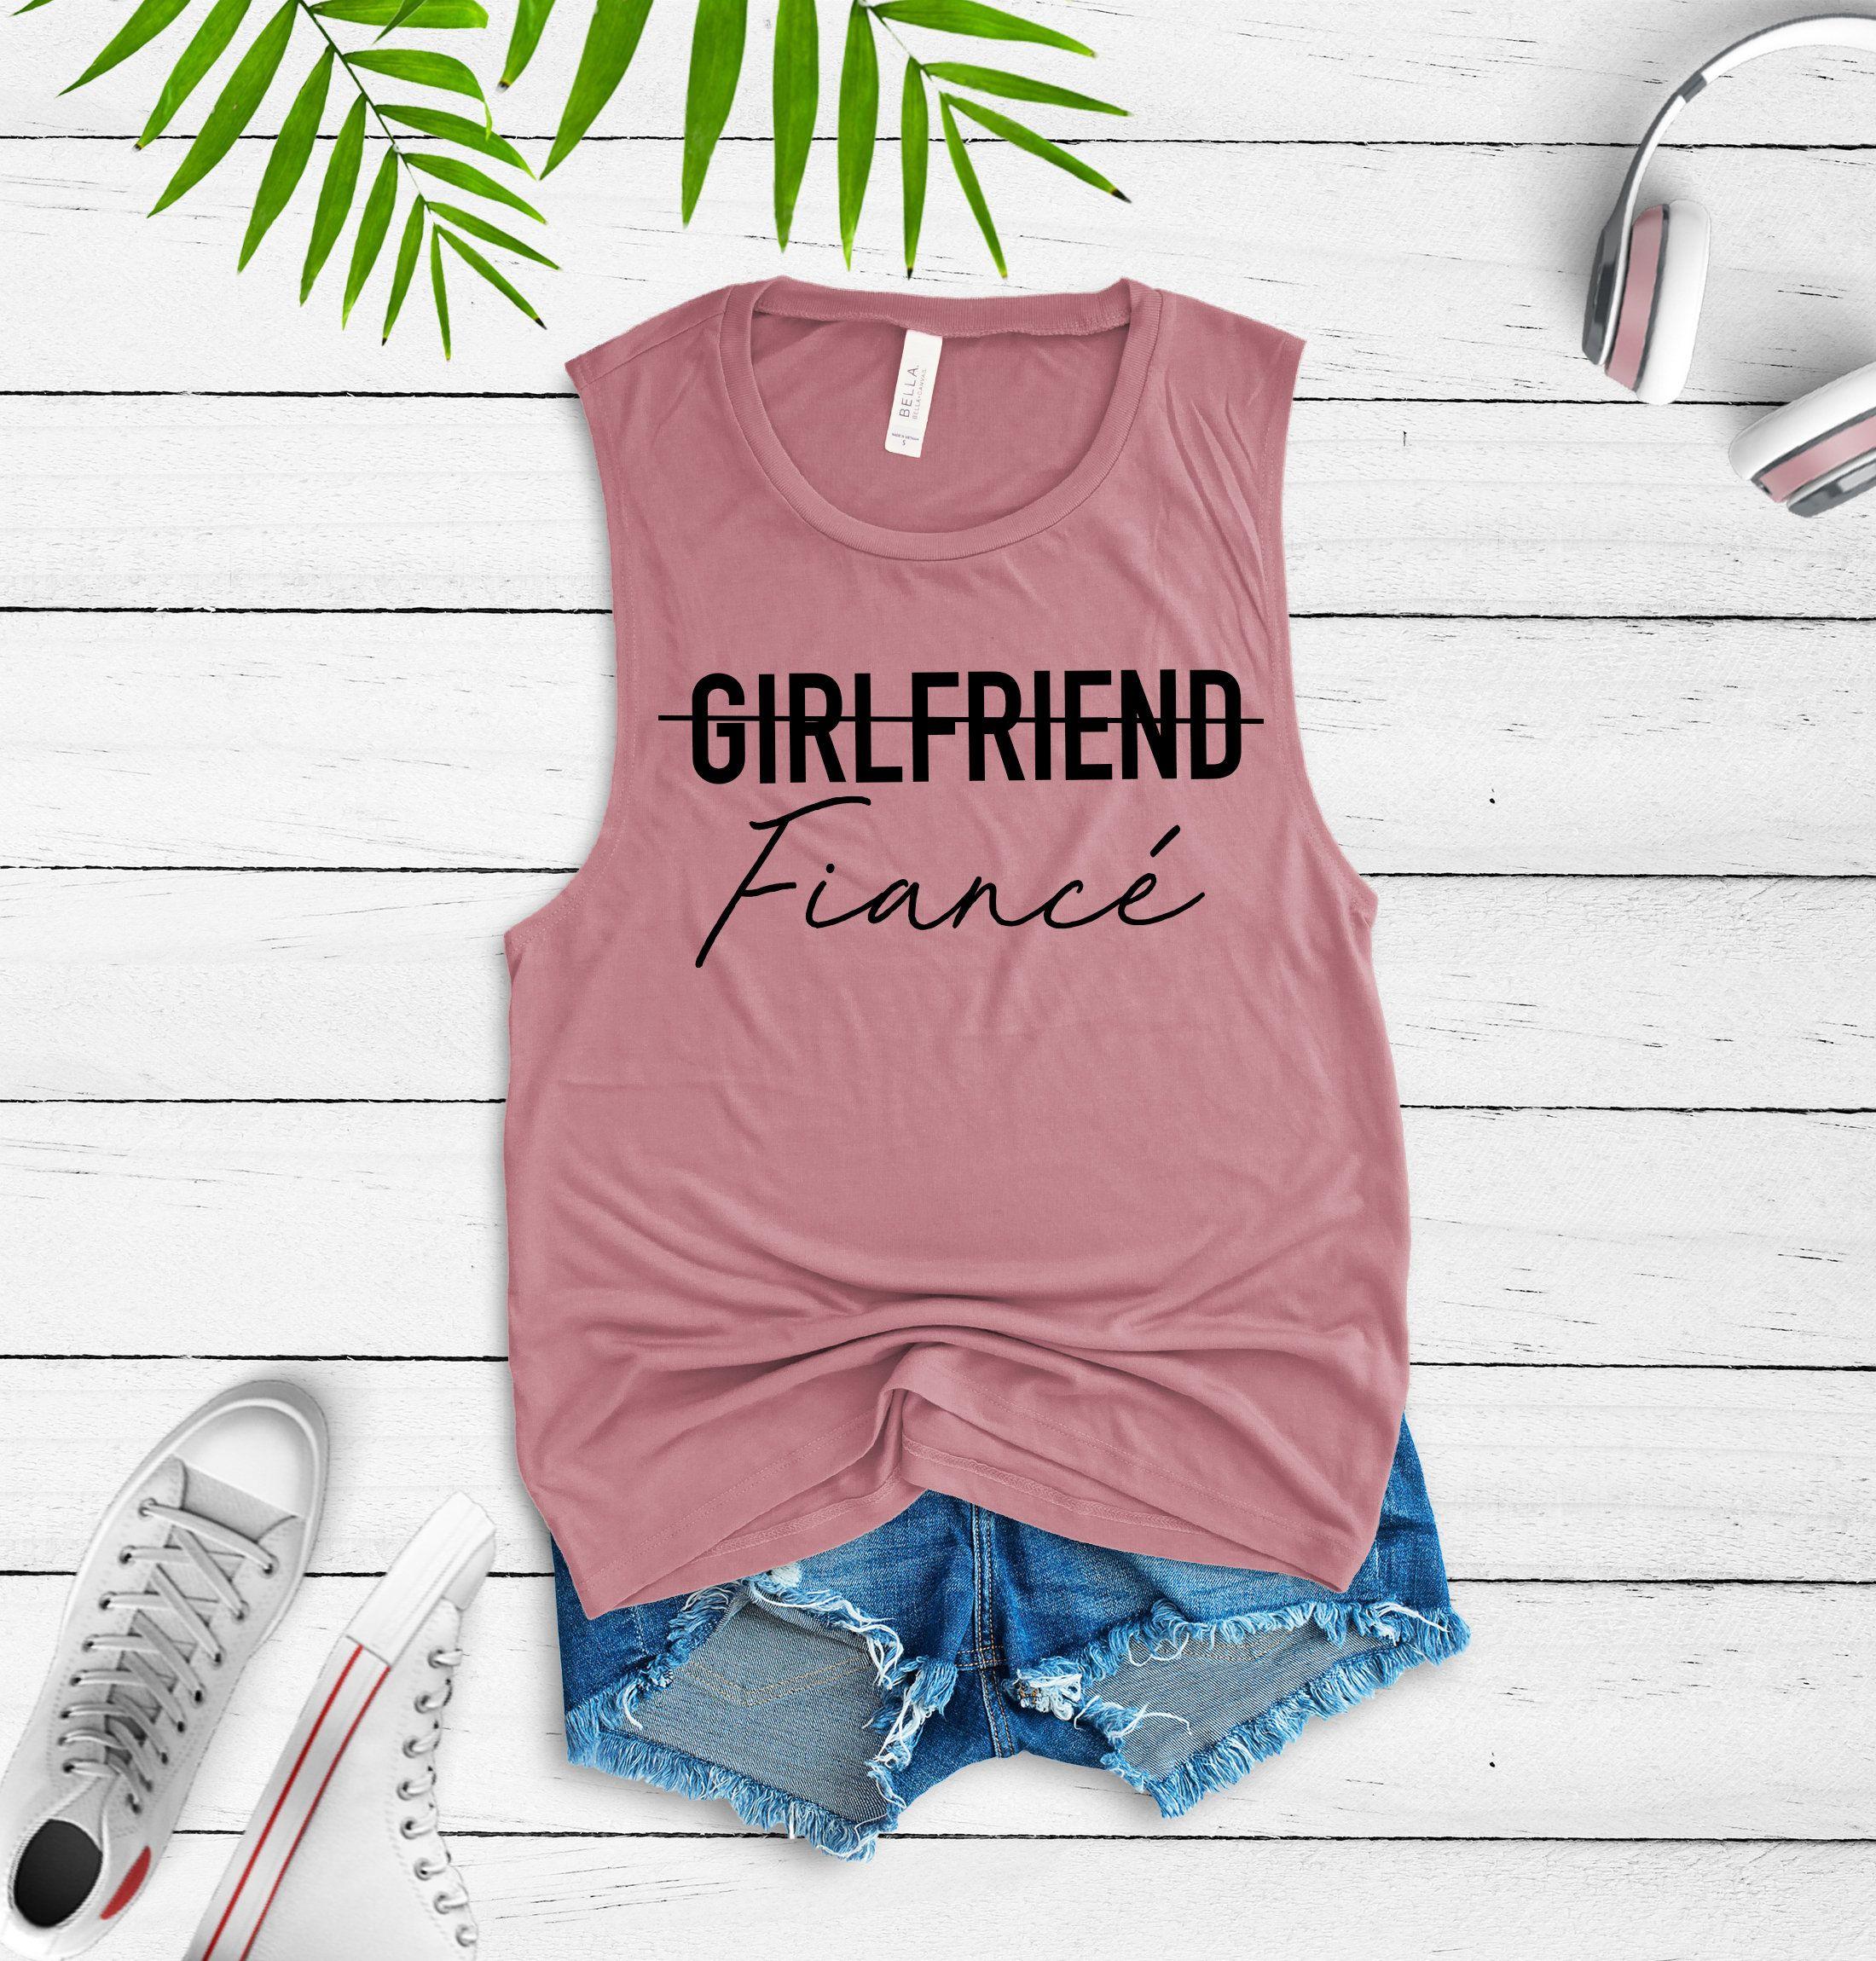 5afd416e girlfriend fiance shirt - fiance shirt - girlfriend fiance tee - engaged  shirt - engagement gift - announcement shirt - newly engaged shirt by ...